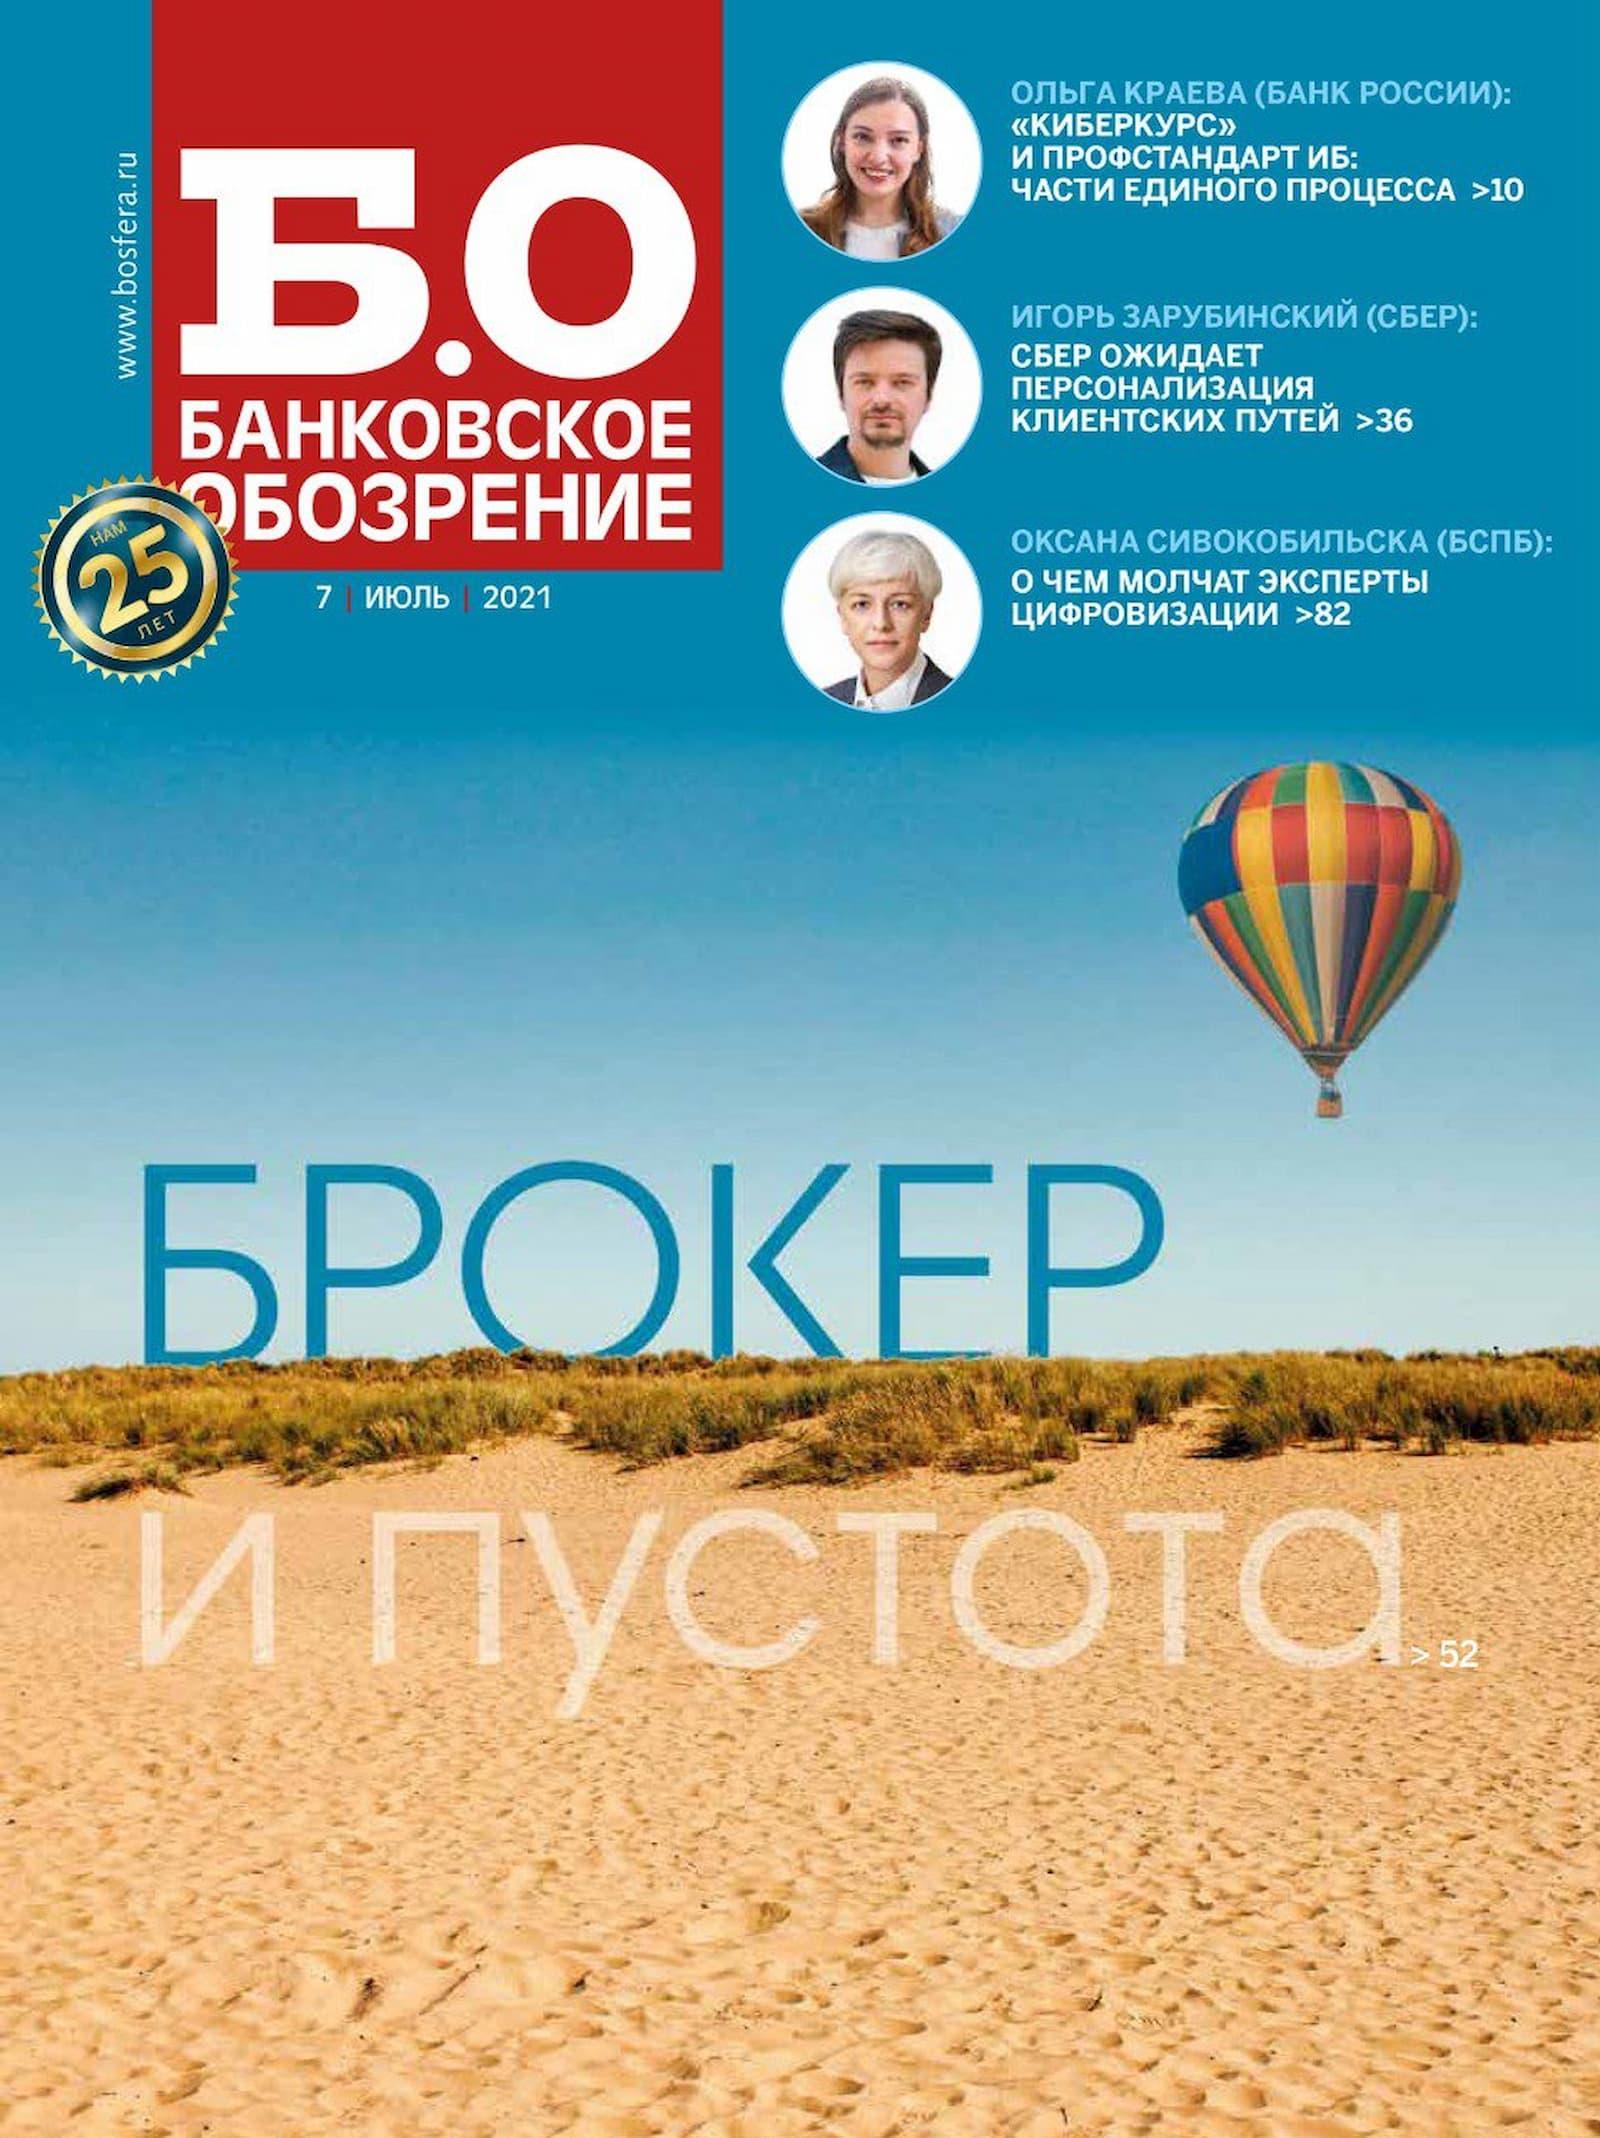 Обложка журнала Банковское обозрение. Главная тема: Брокер и пустота. Изображение пустыни и воздушного шара.